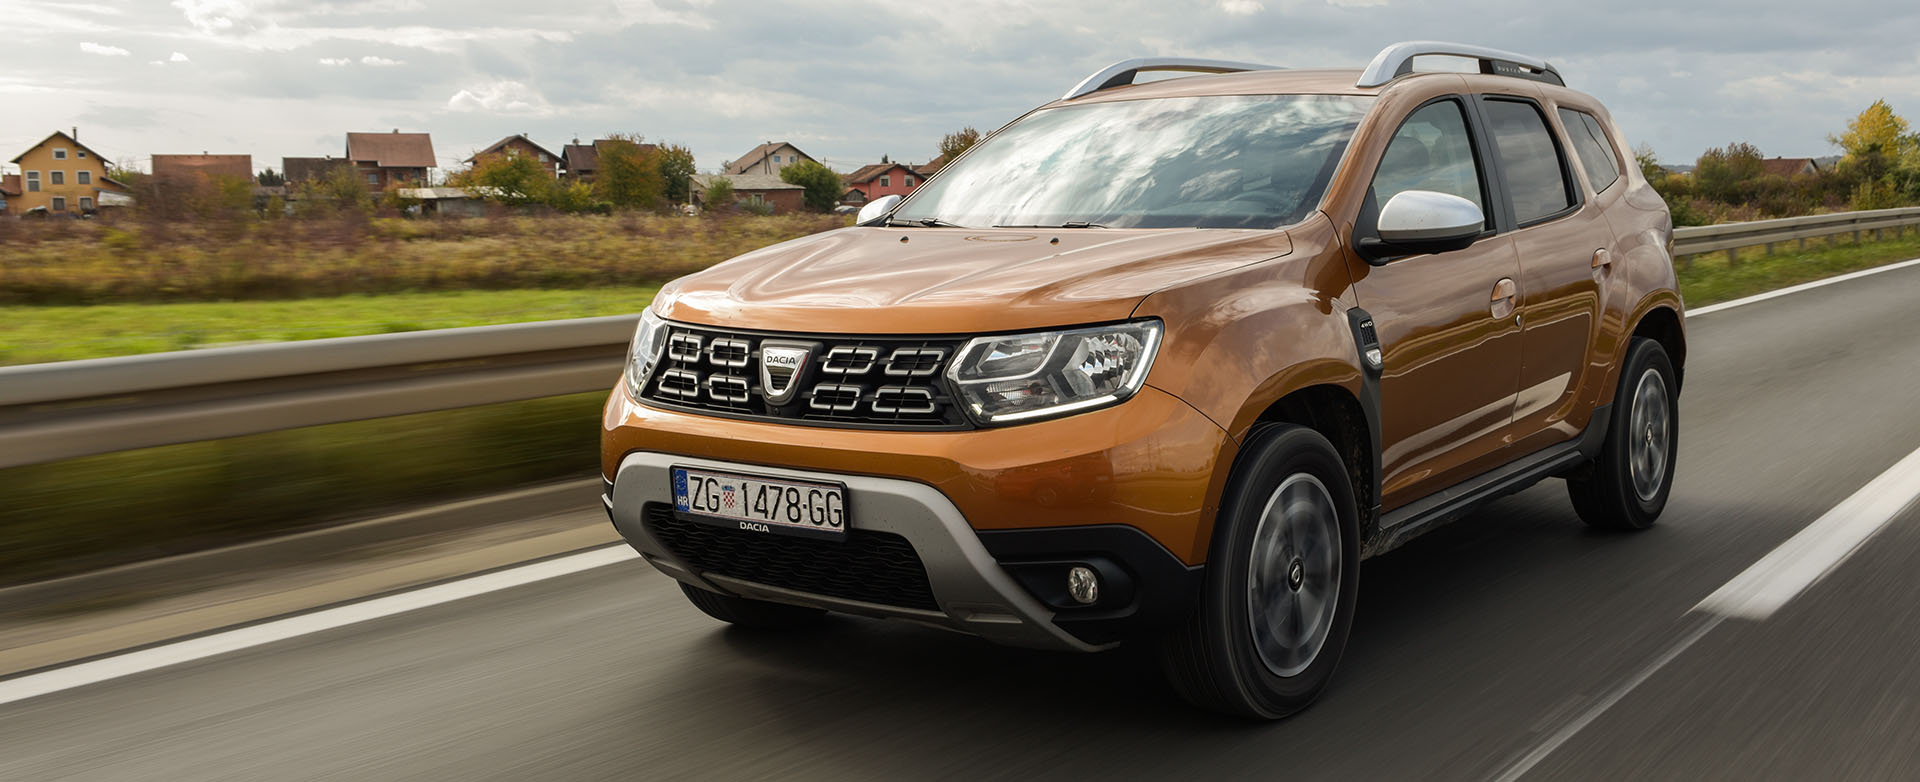 Dacia Gebrauchtwagen bestellen